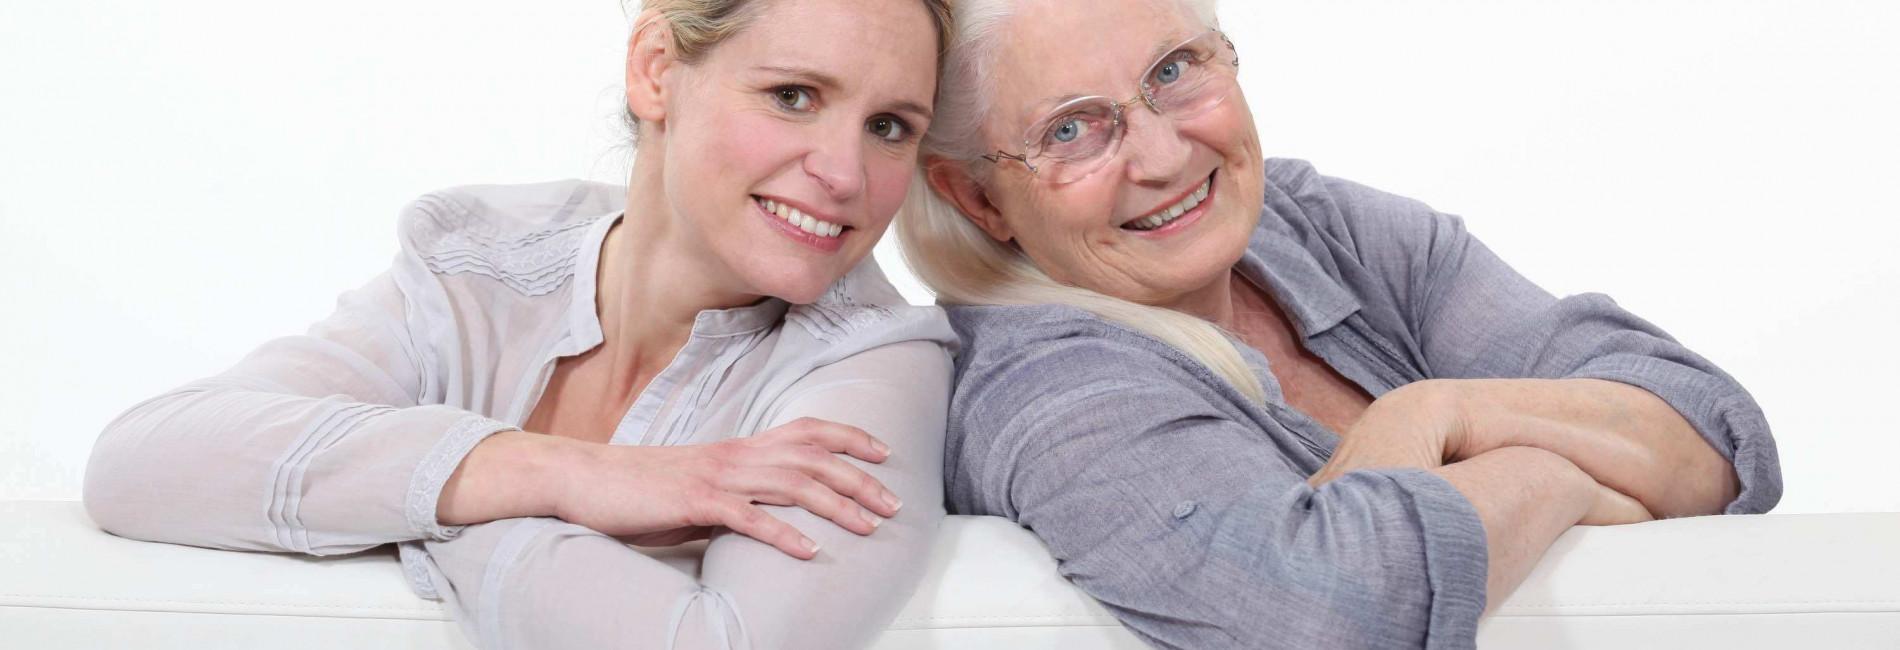 Lehnen Sie sich zurück, und genießen die schönen Dinge mit Ihrer Familie. Wir kümmern uns um den Rest: Energieausweis, Marktwert Ihrer Immobilie, den Käufer bis zum Notarvertrag